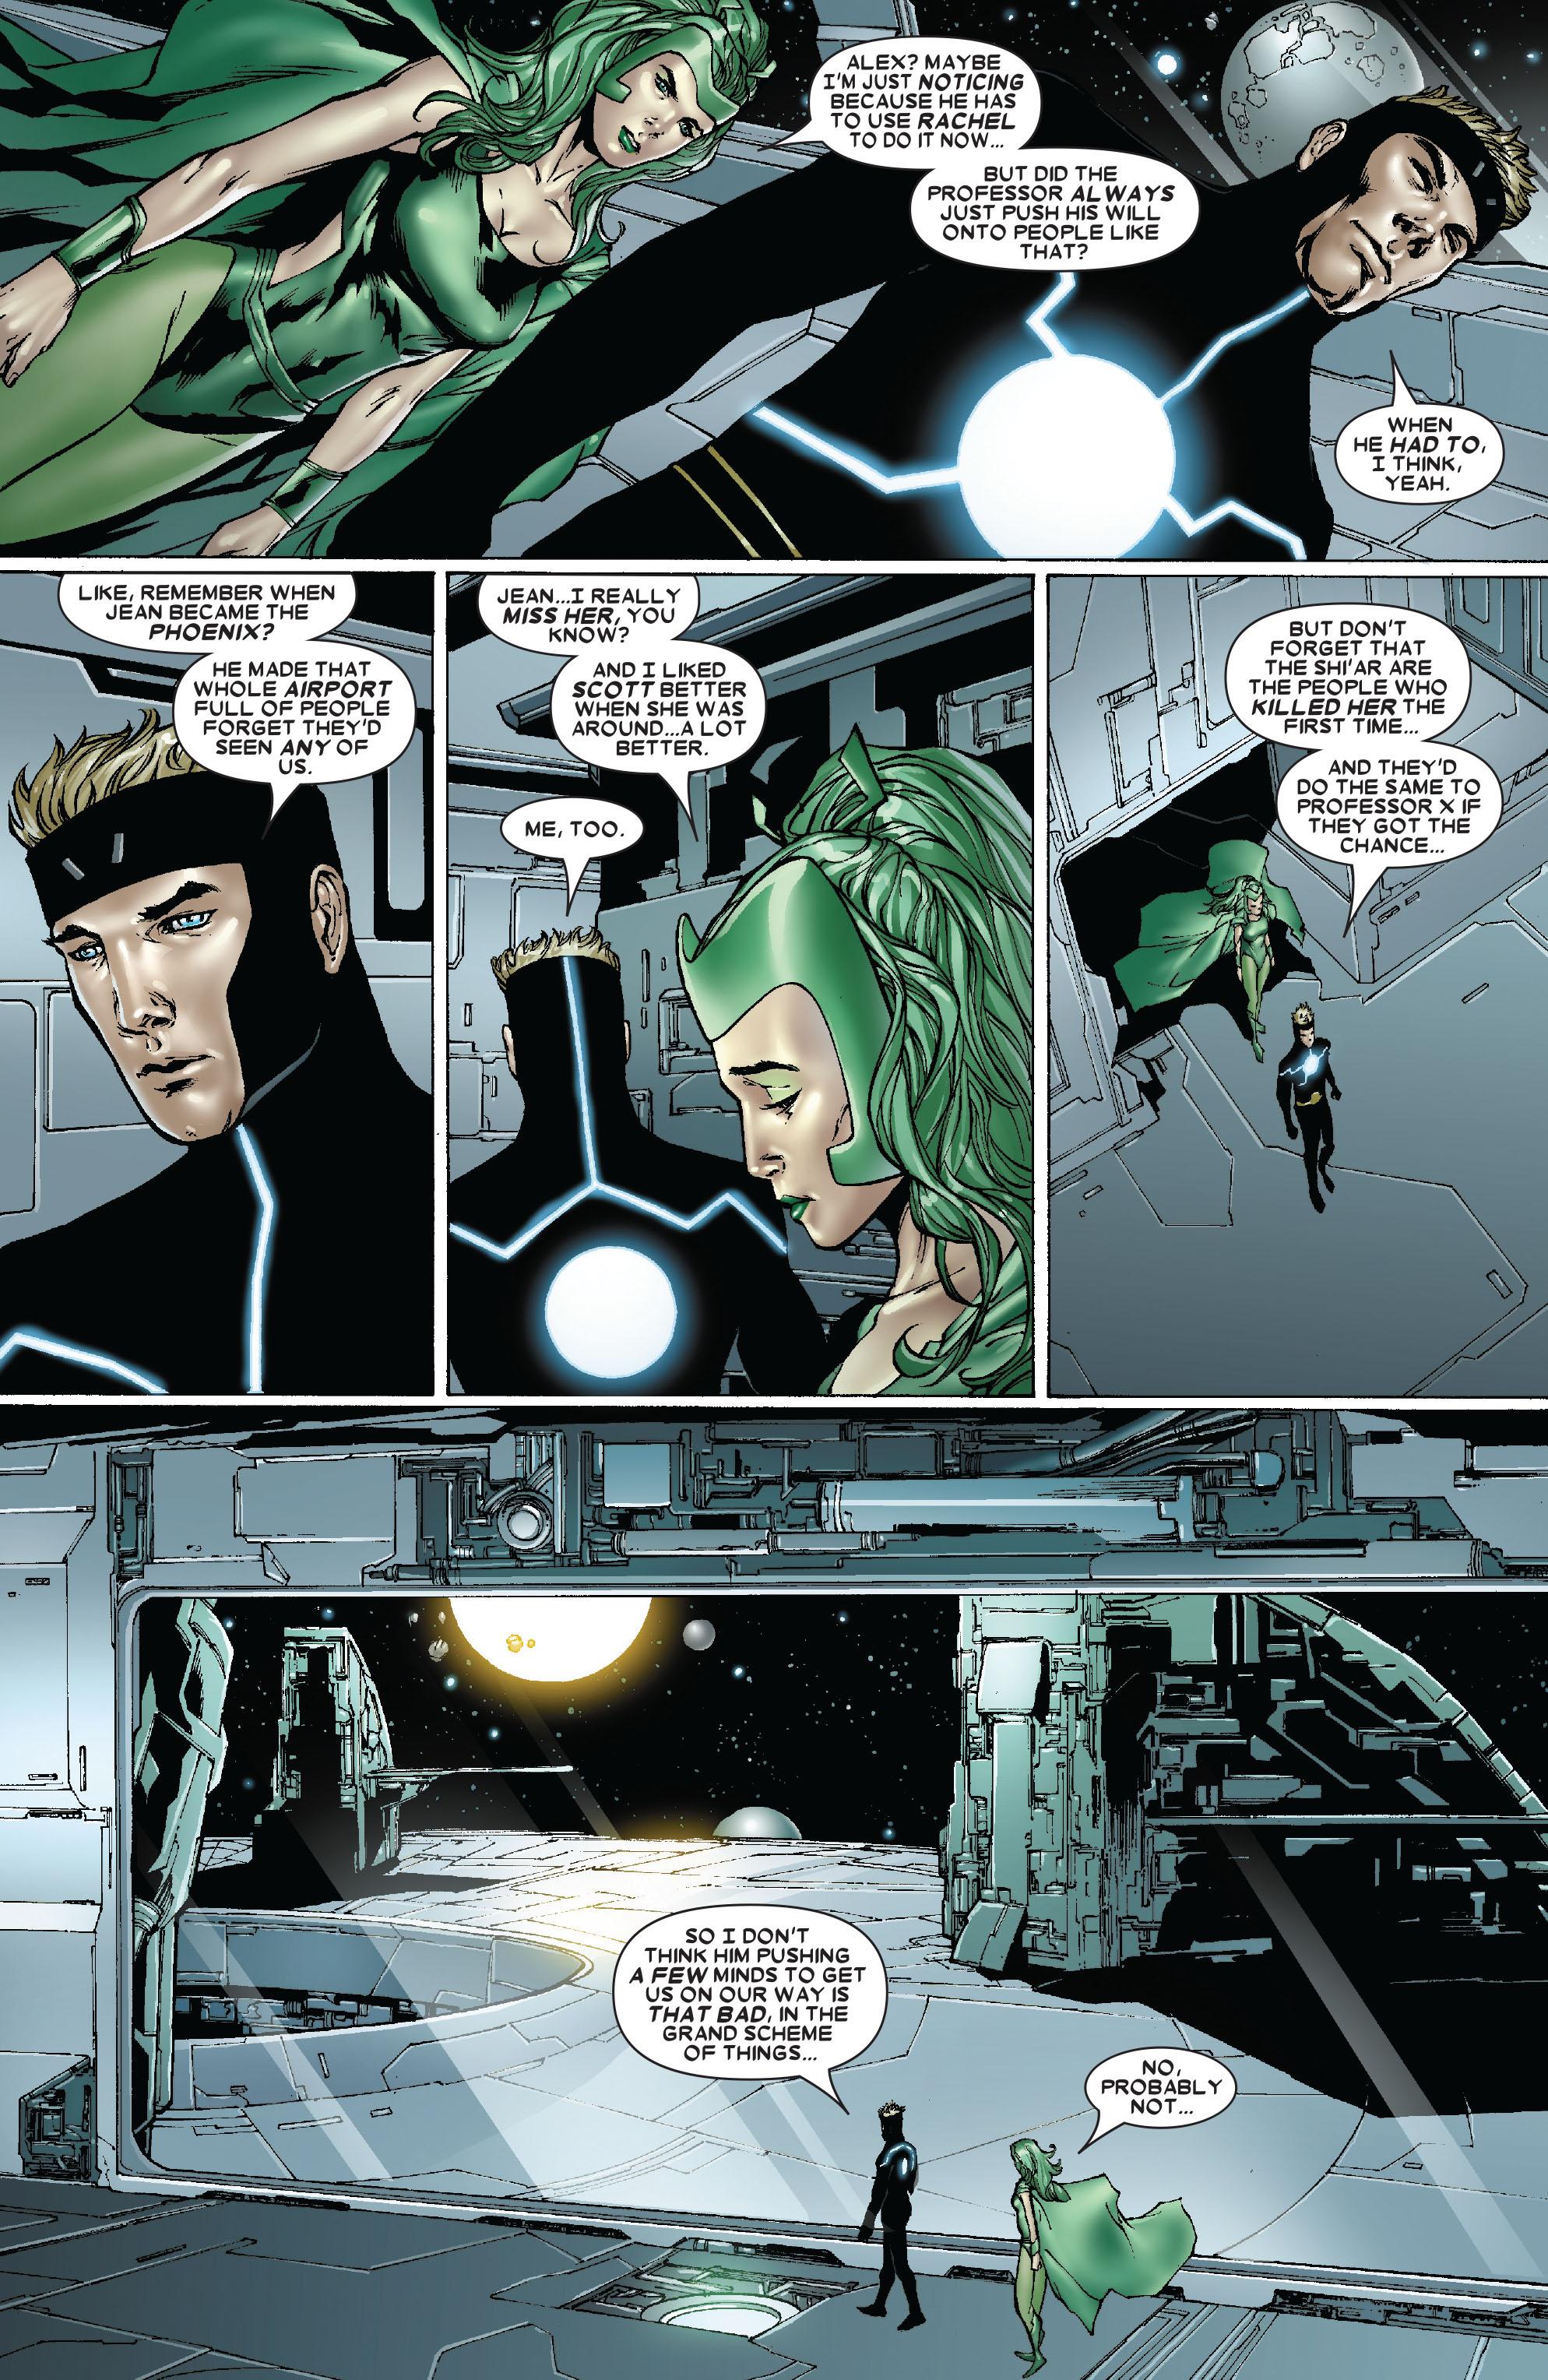 Read online Uncanny X-Men (1963) comic -  Issue #478 - 6